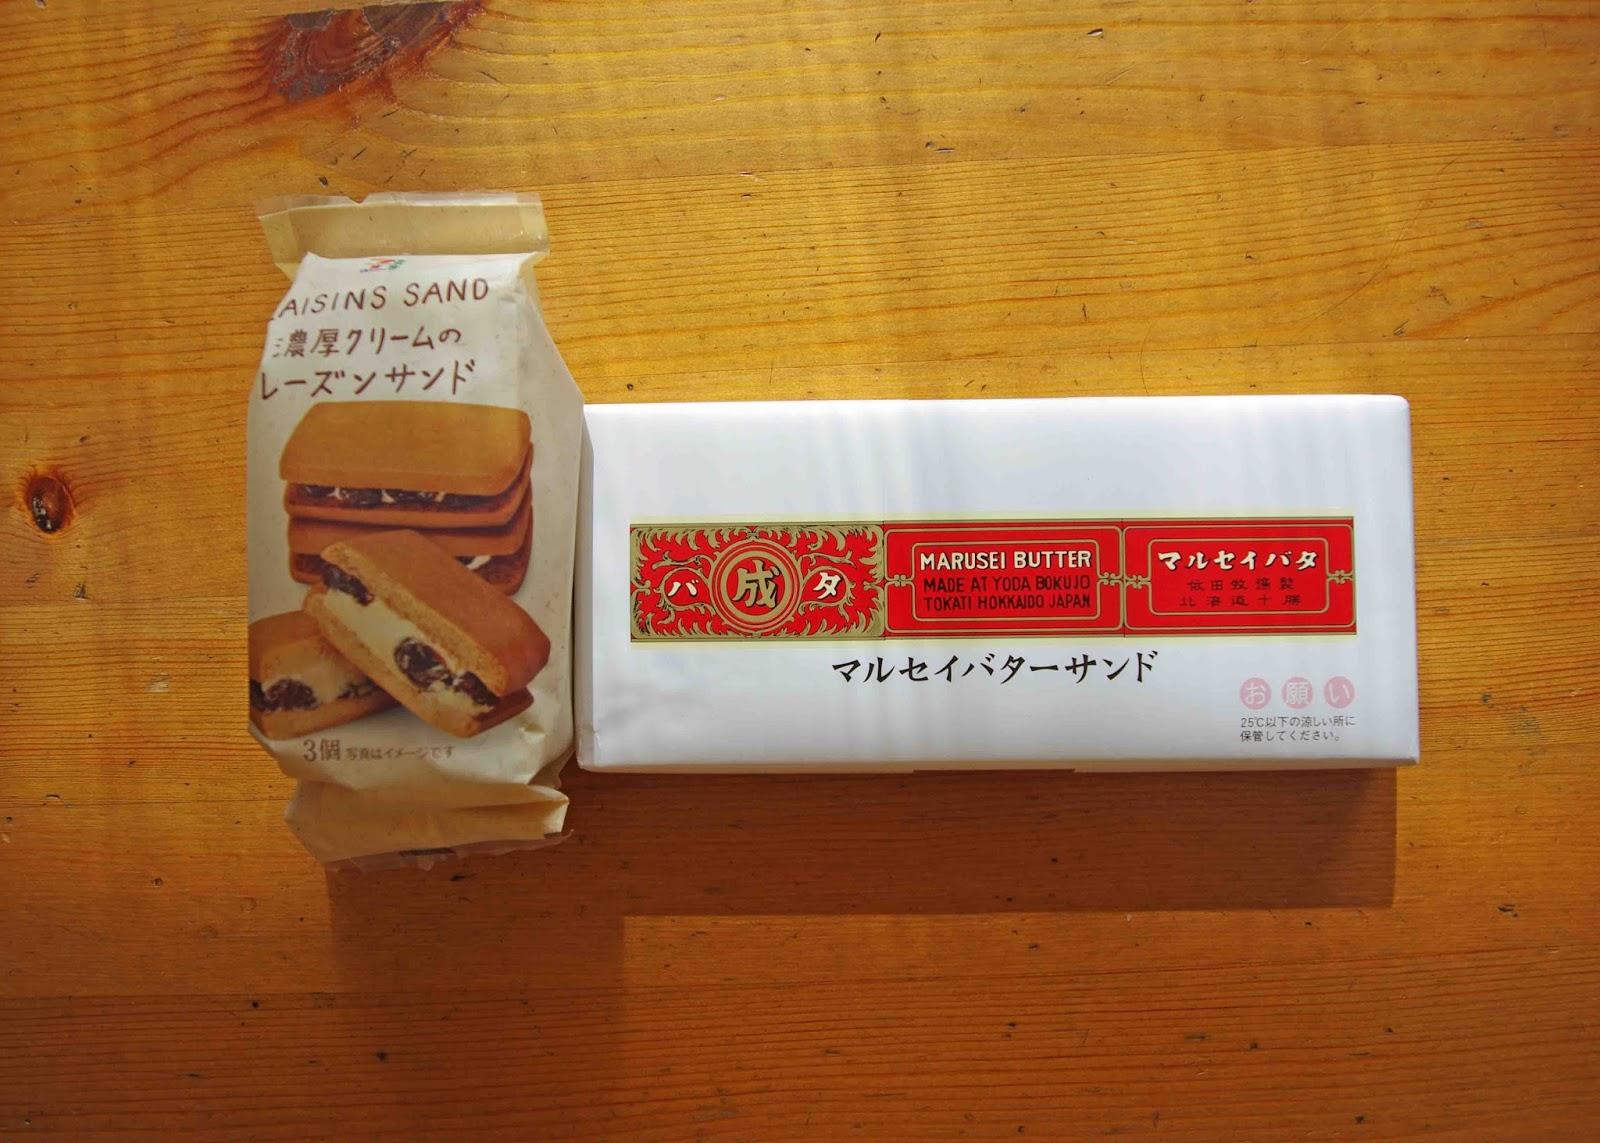 バター 六花 サンド 亭 【楽天市場】六花亭 マルセイバターサンド